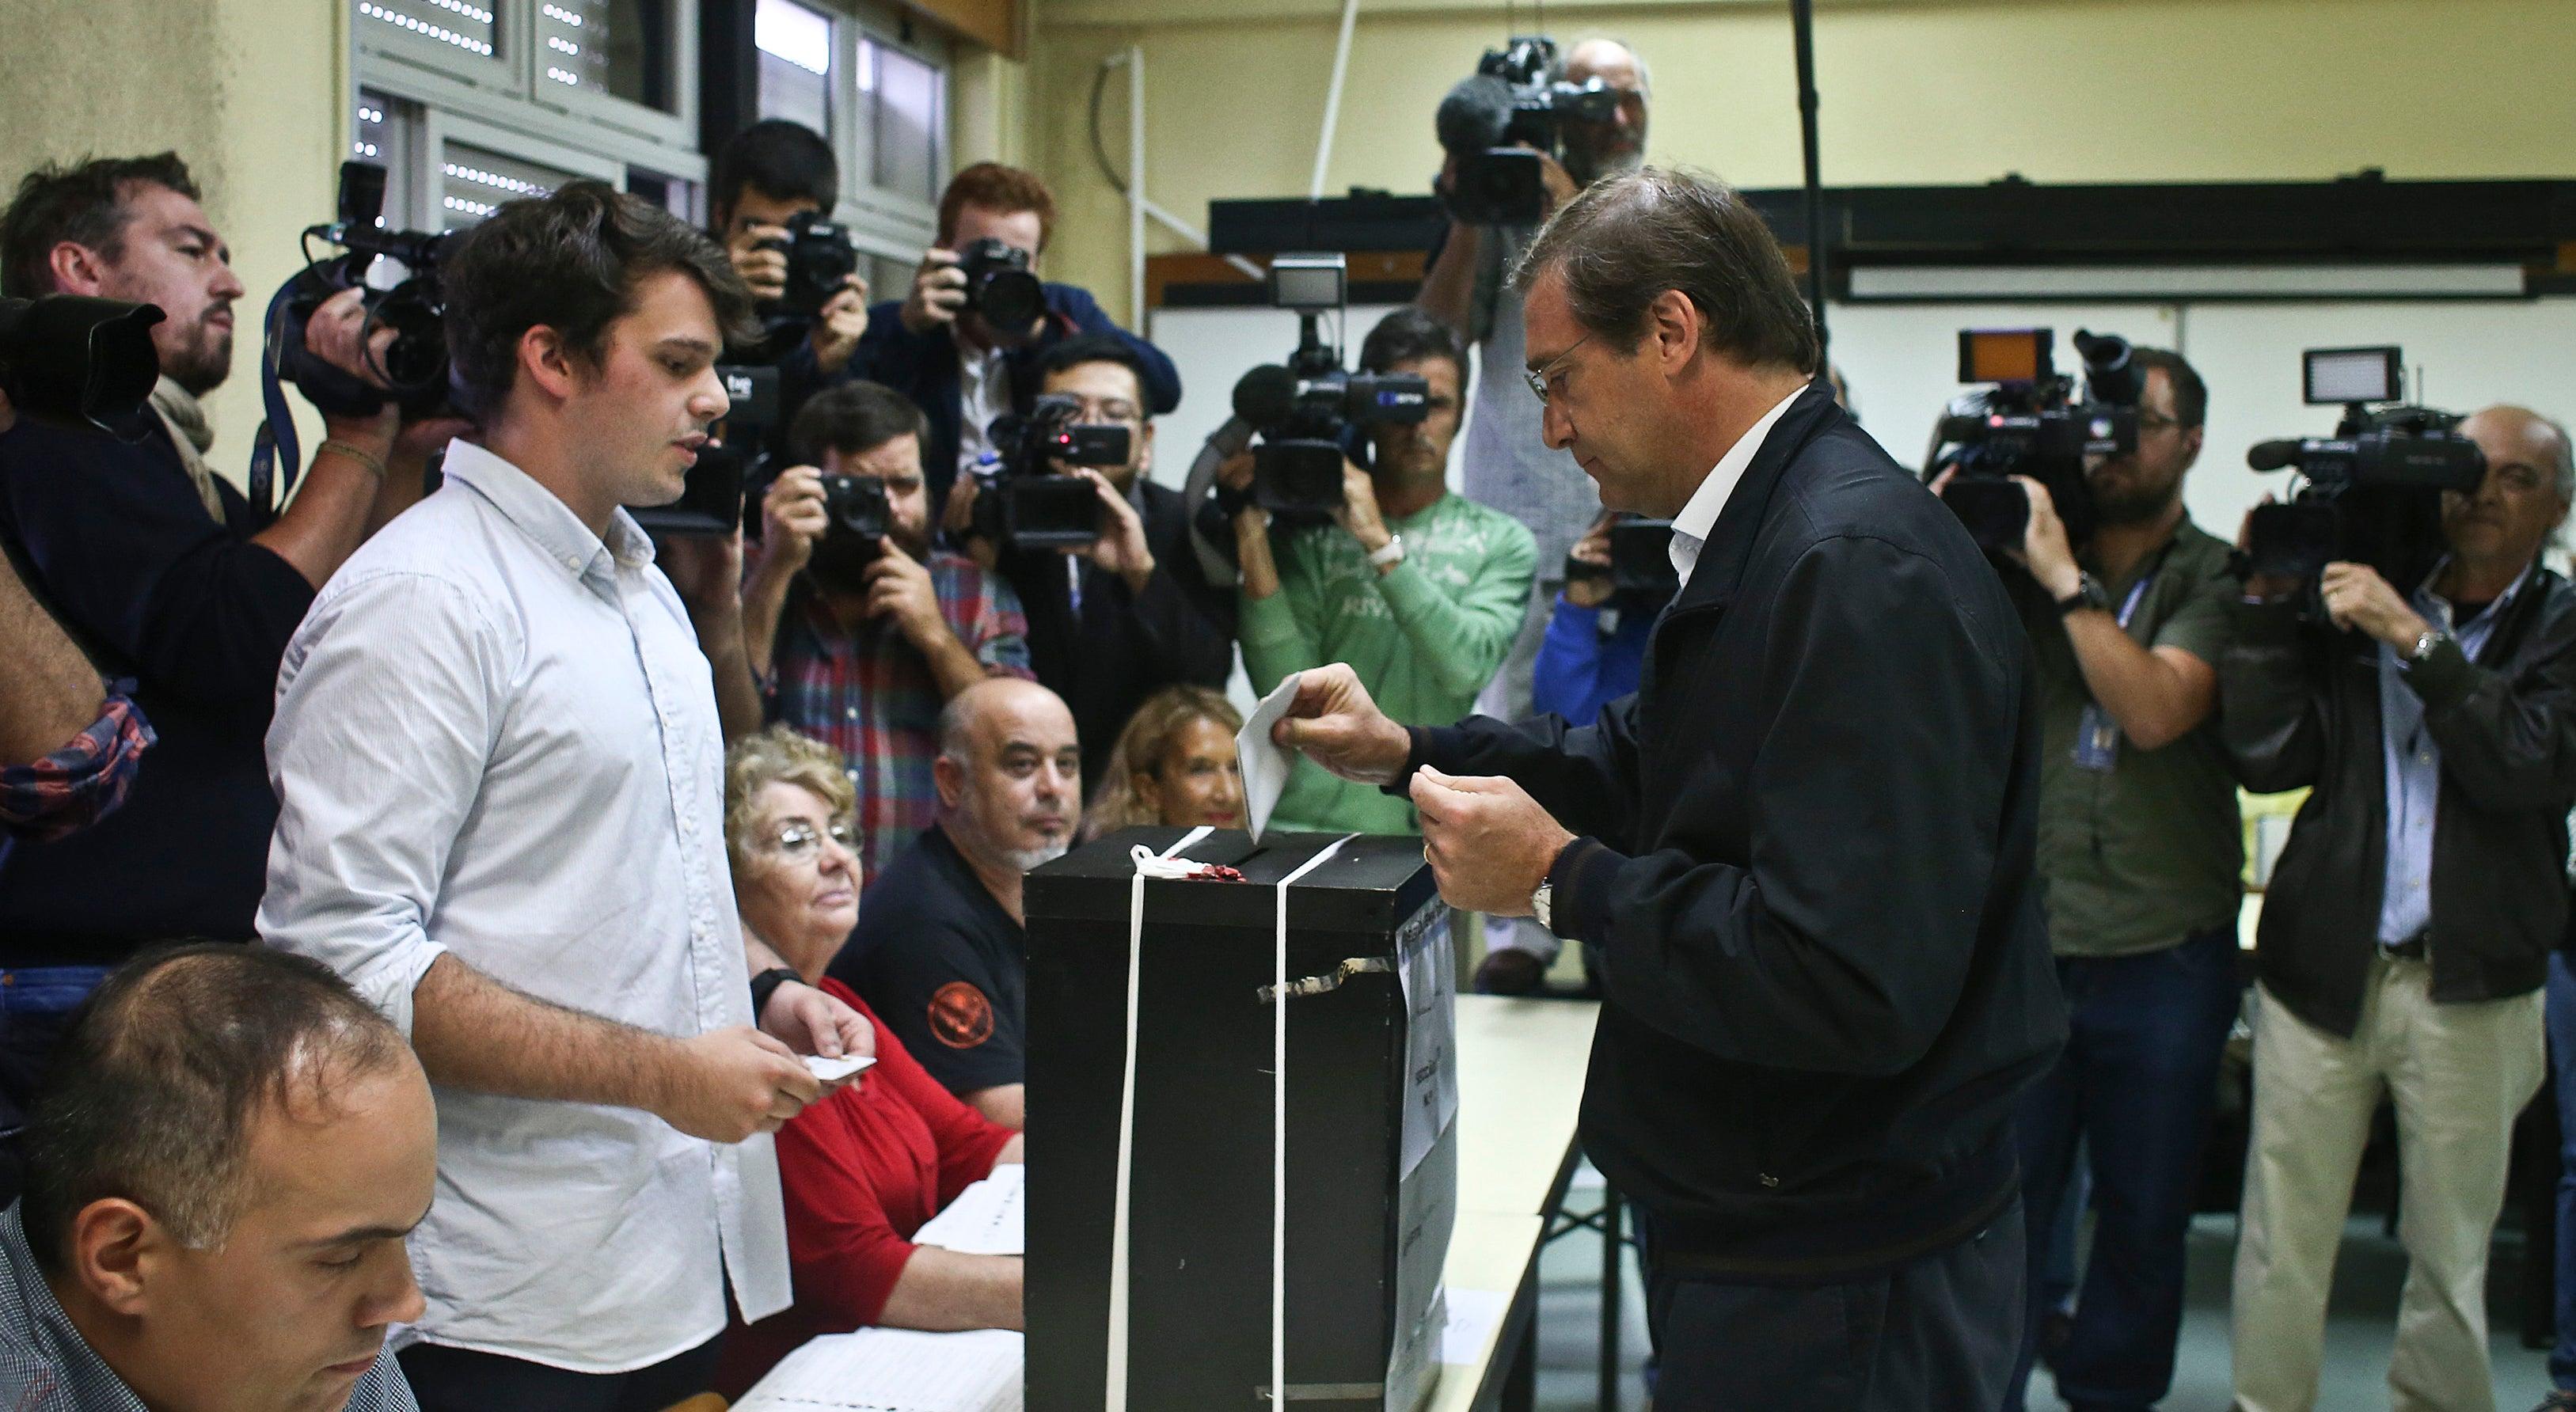 Passos pede aos portugueses que contrariem a absten��o - siga em direto o dia eleitoral